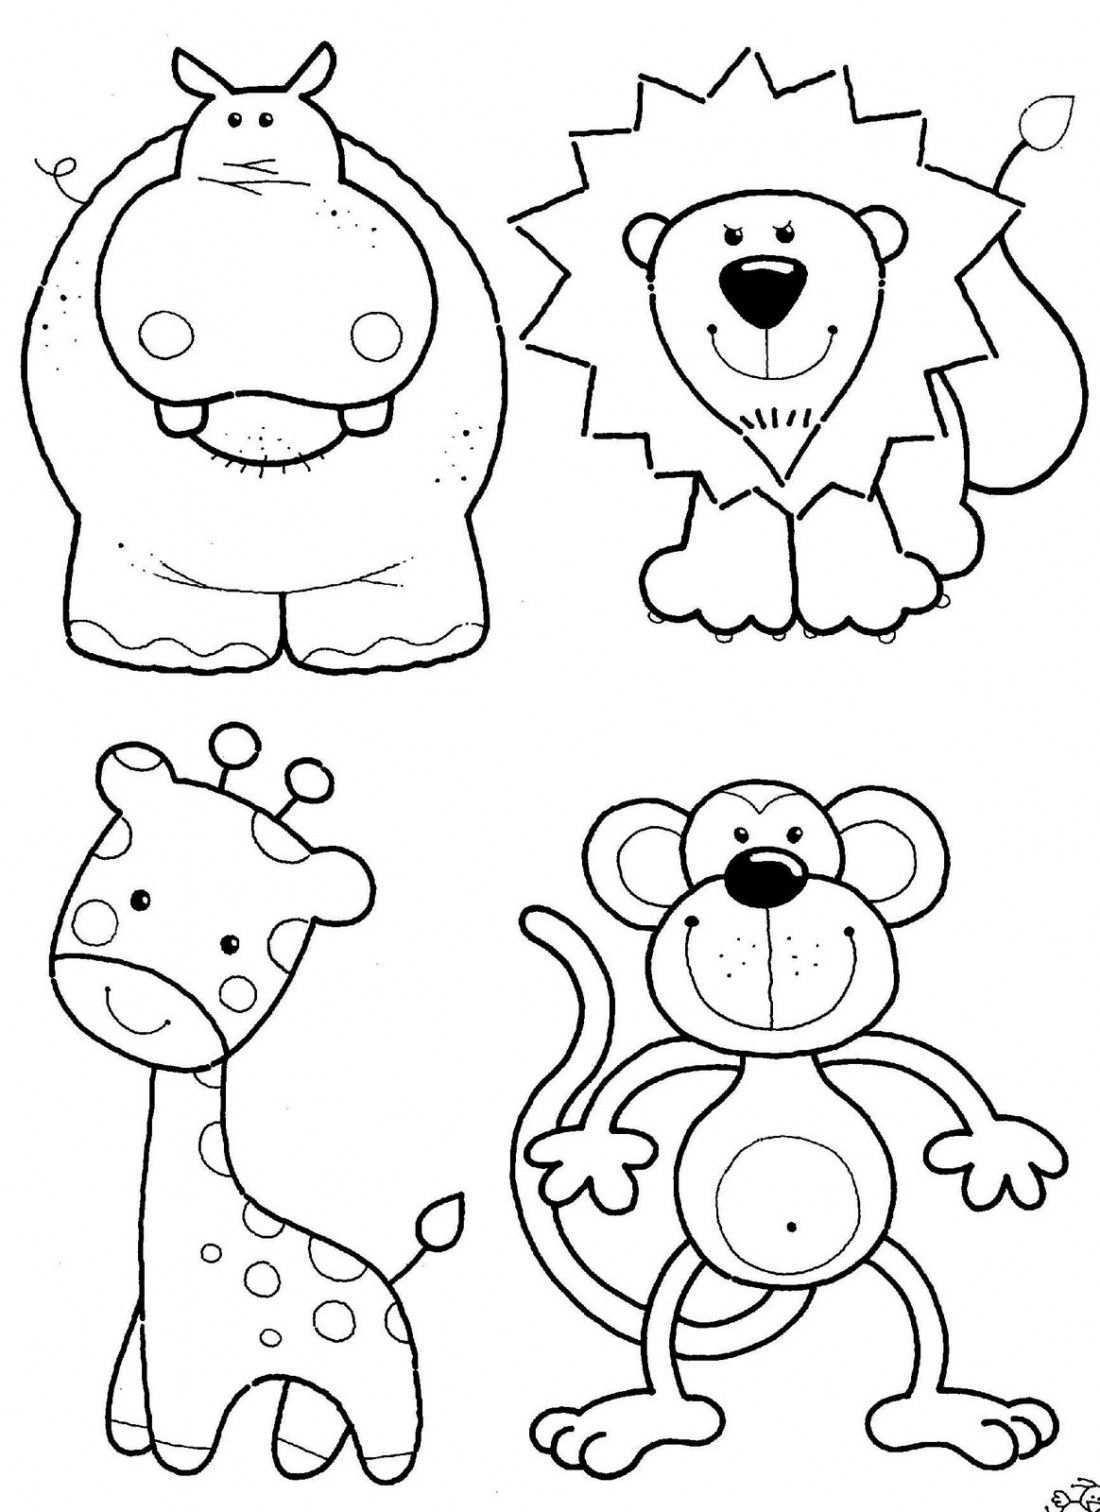 Best Collection Free Coloring Pages For Kids Met Afbeeldingen Kleurplaten Dieren Kleurplaten Dieren Knutselen